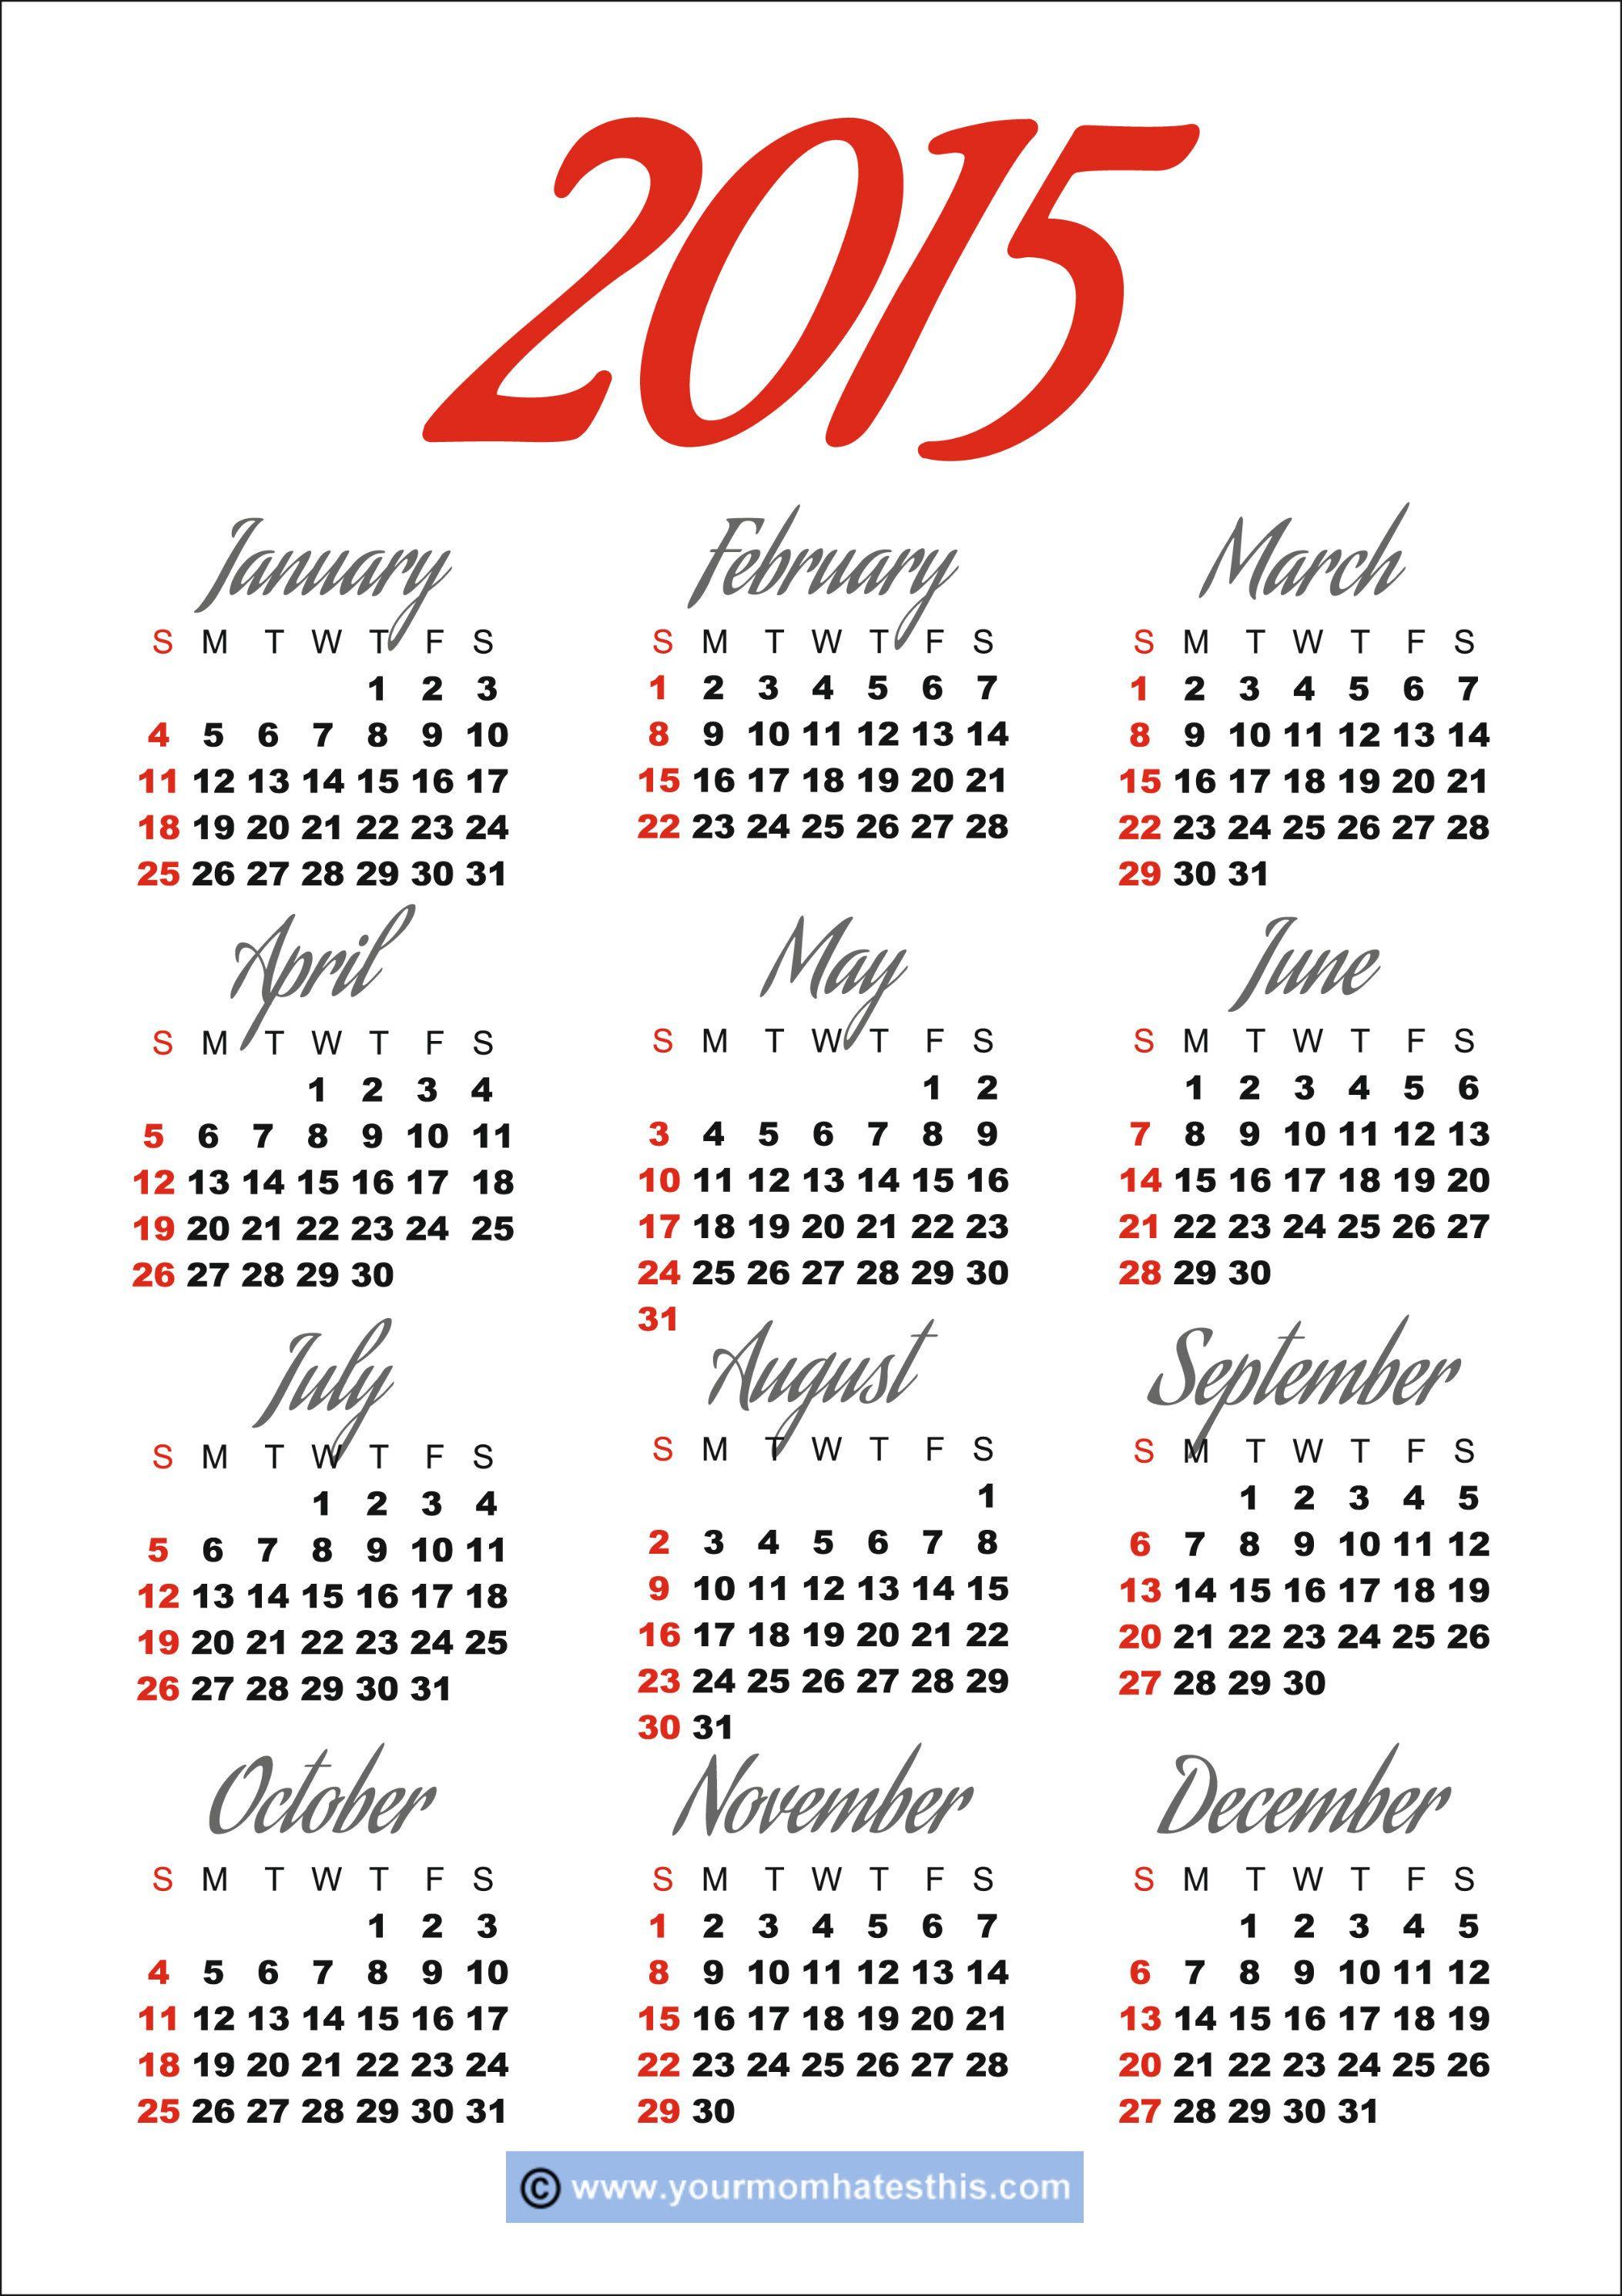 2015 calendars | 2015 Calendar | 2016 CALENDARS | Pinterest